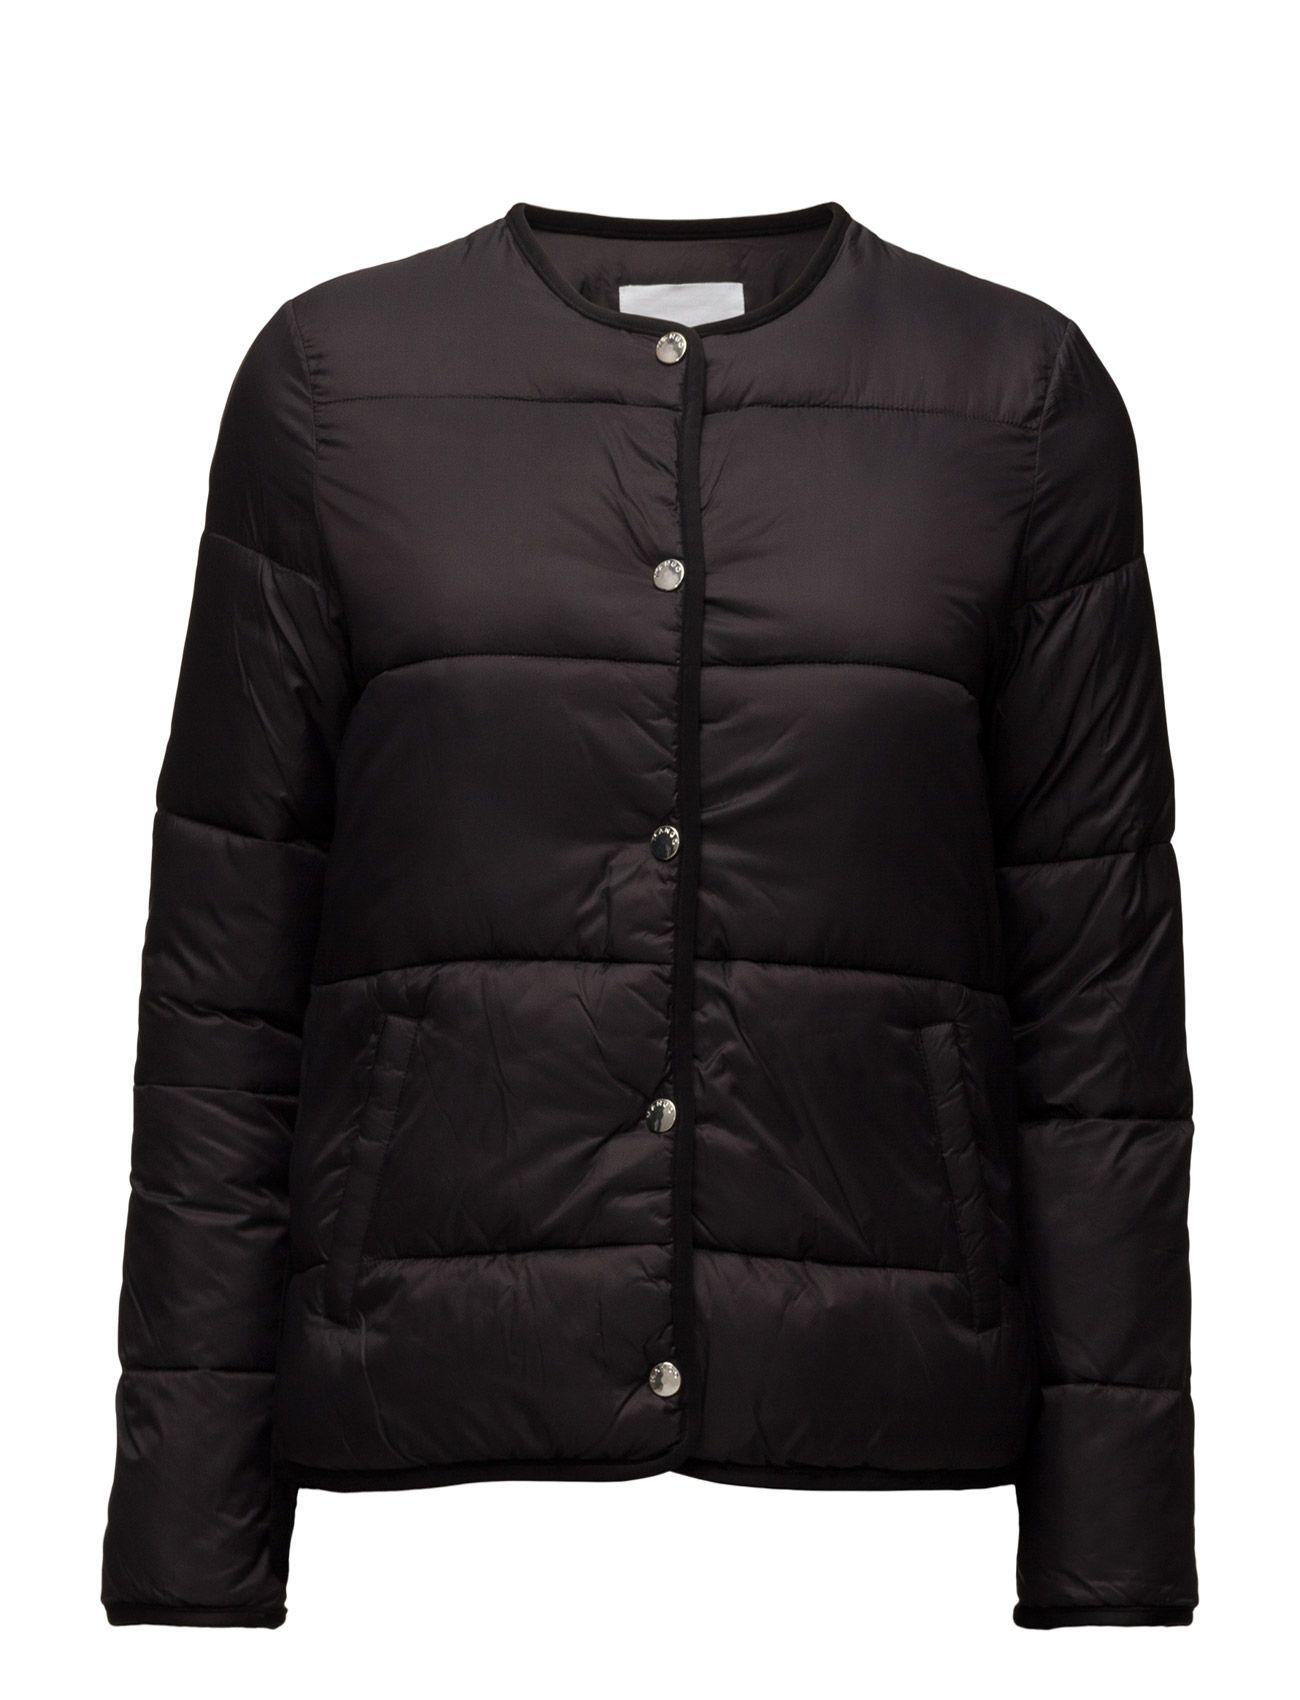 Mango Quilted jacket - 30e, välikausitakiksi?